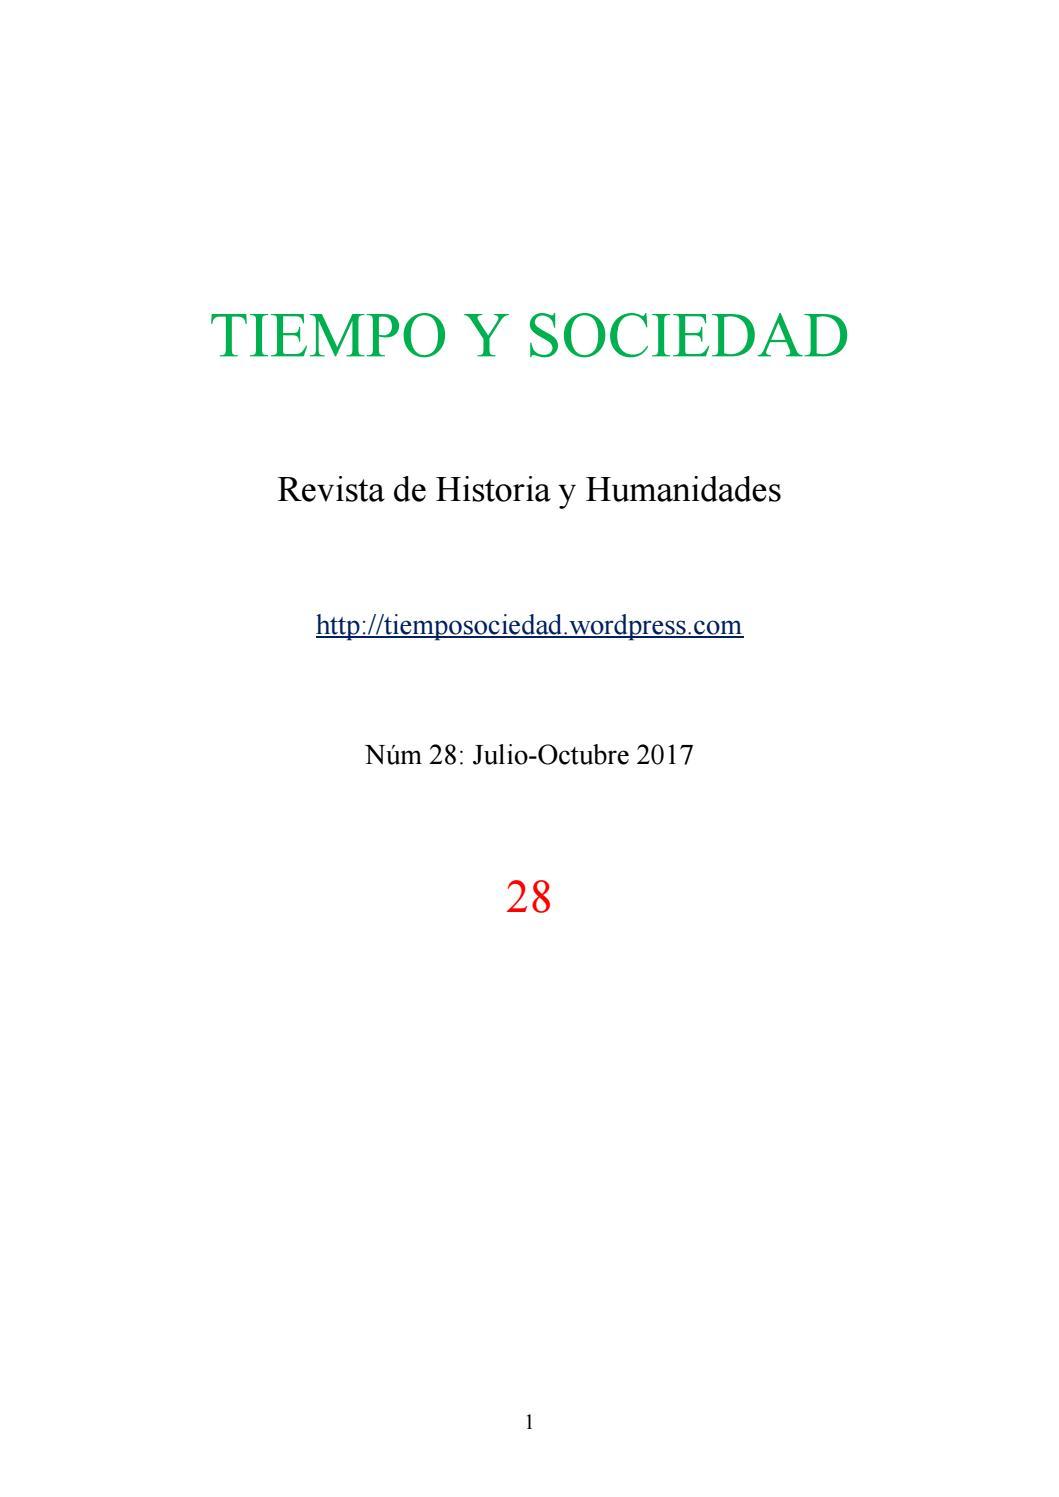 Tiempo y sociedad 28 by Tiempo y Sociedad Revista de Historia y ...